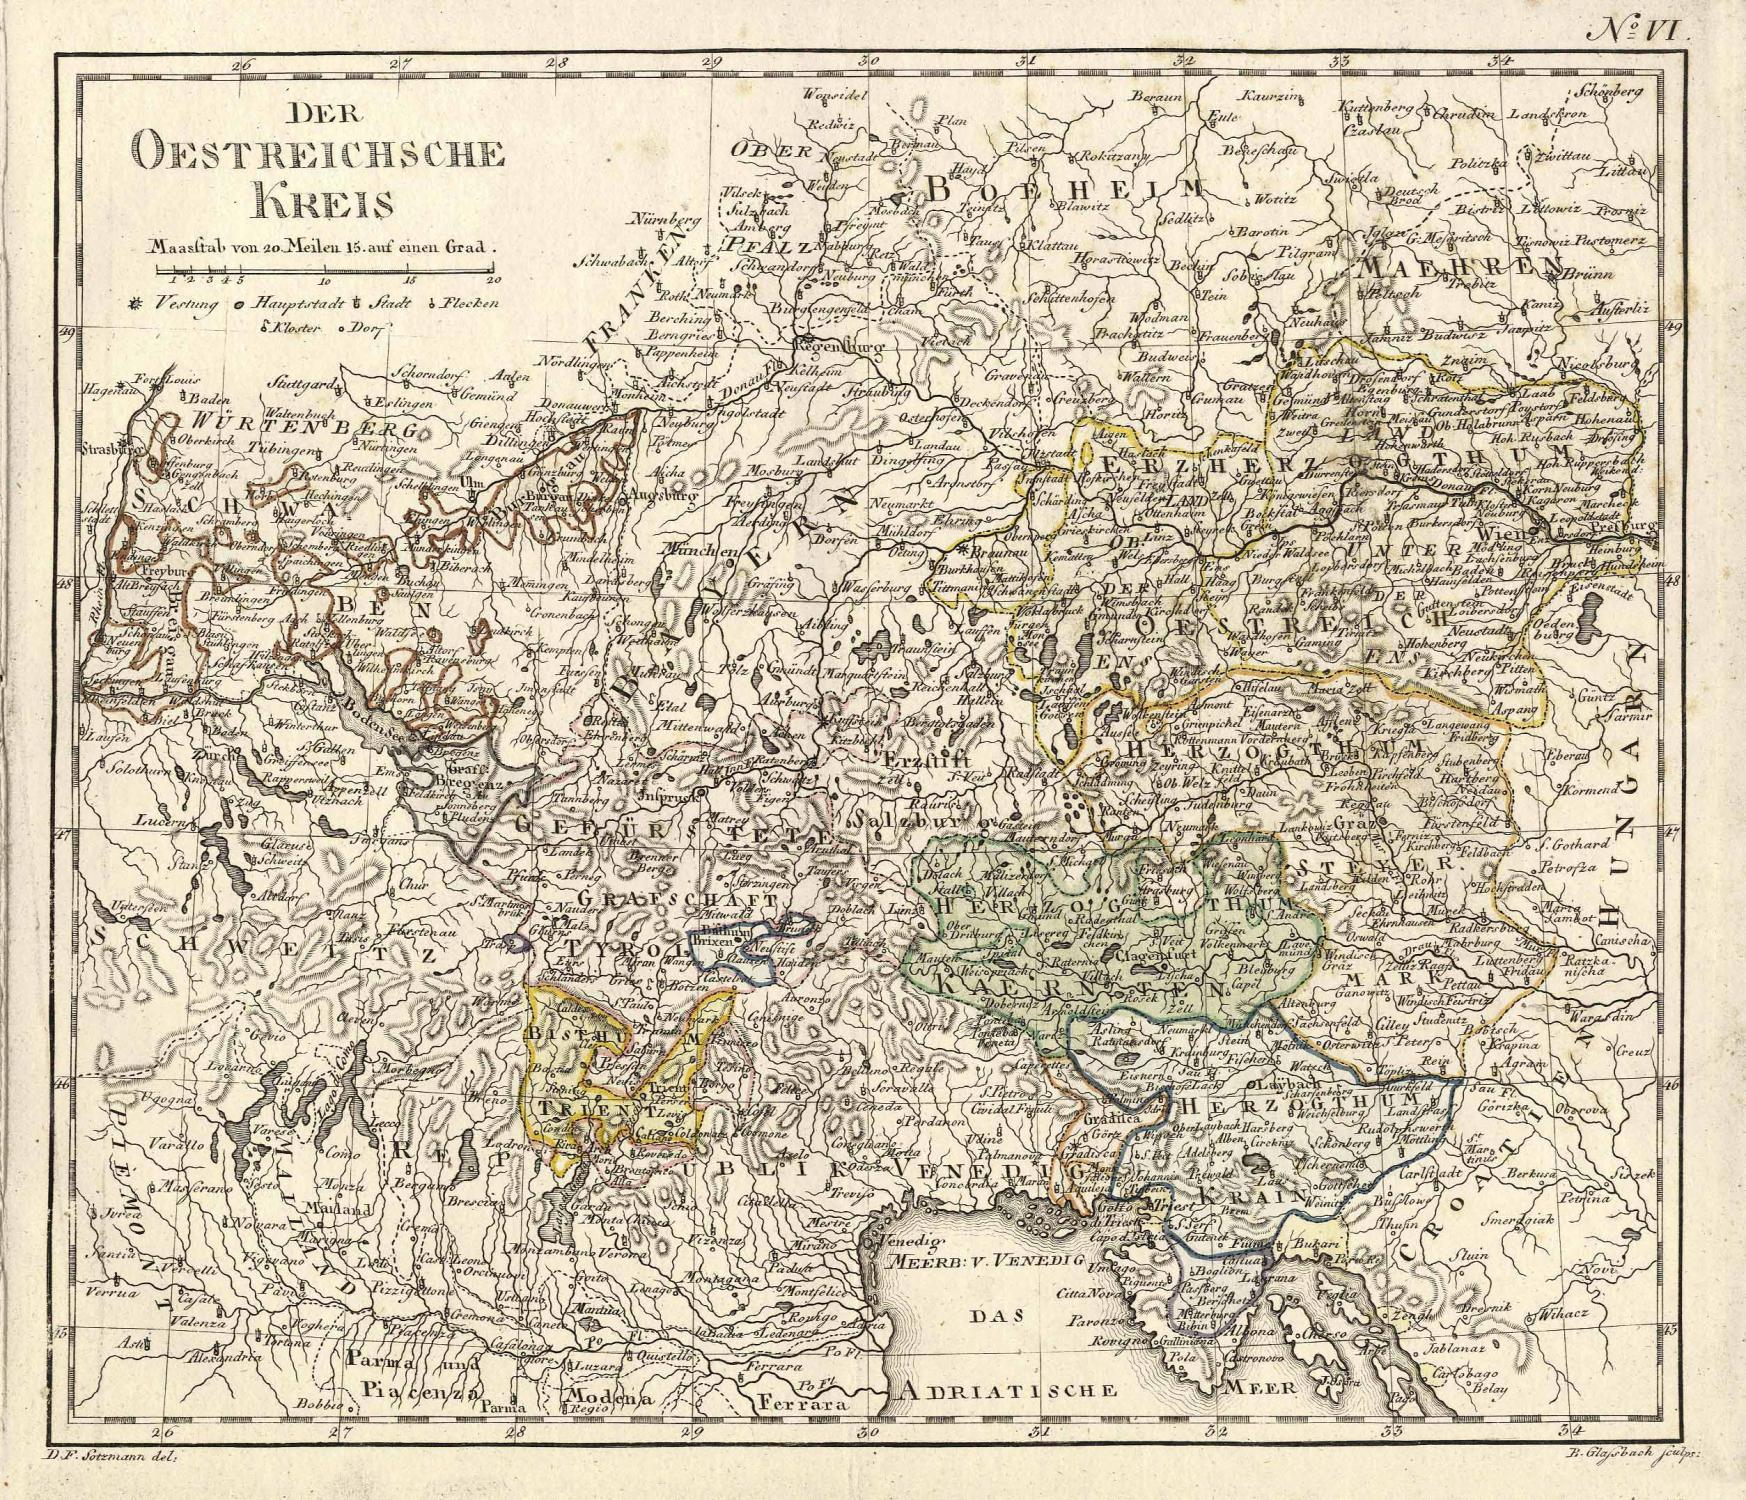 Der Oestreichsche Kreis - D.F. Sotzmann del.: ÖSTERREICH (Austria) -